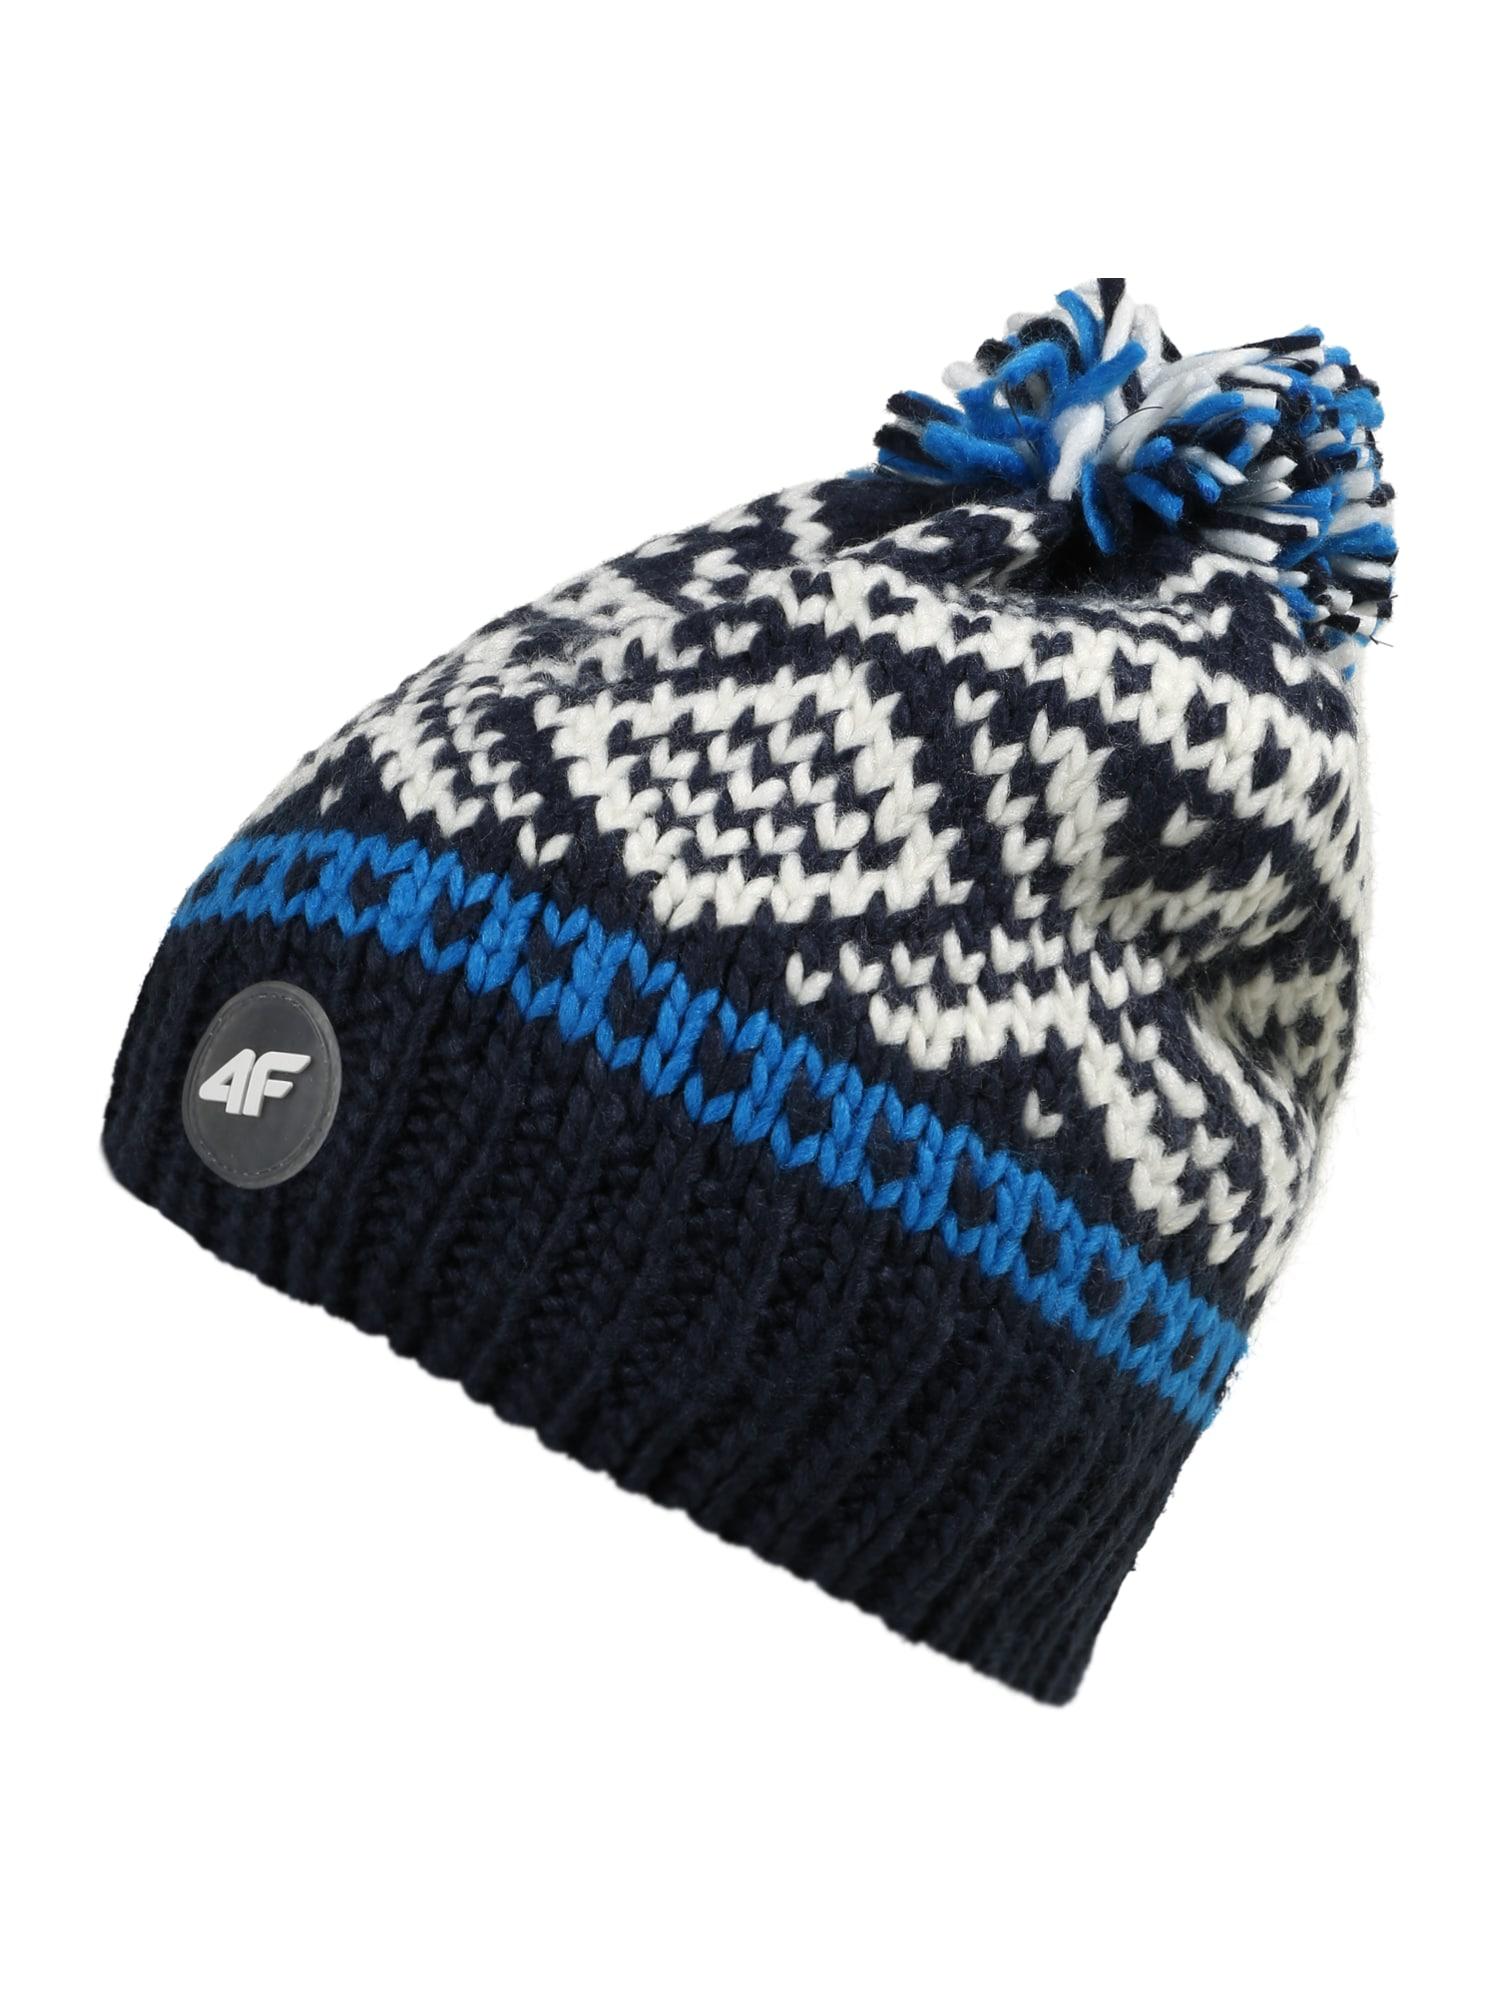 4F Sportinė kepurė tamsiai mėlyna / balta / mėlyna